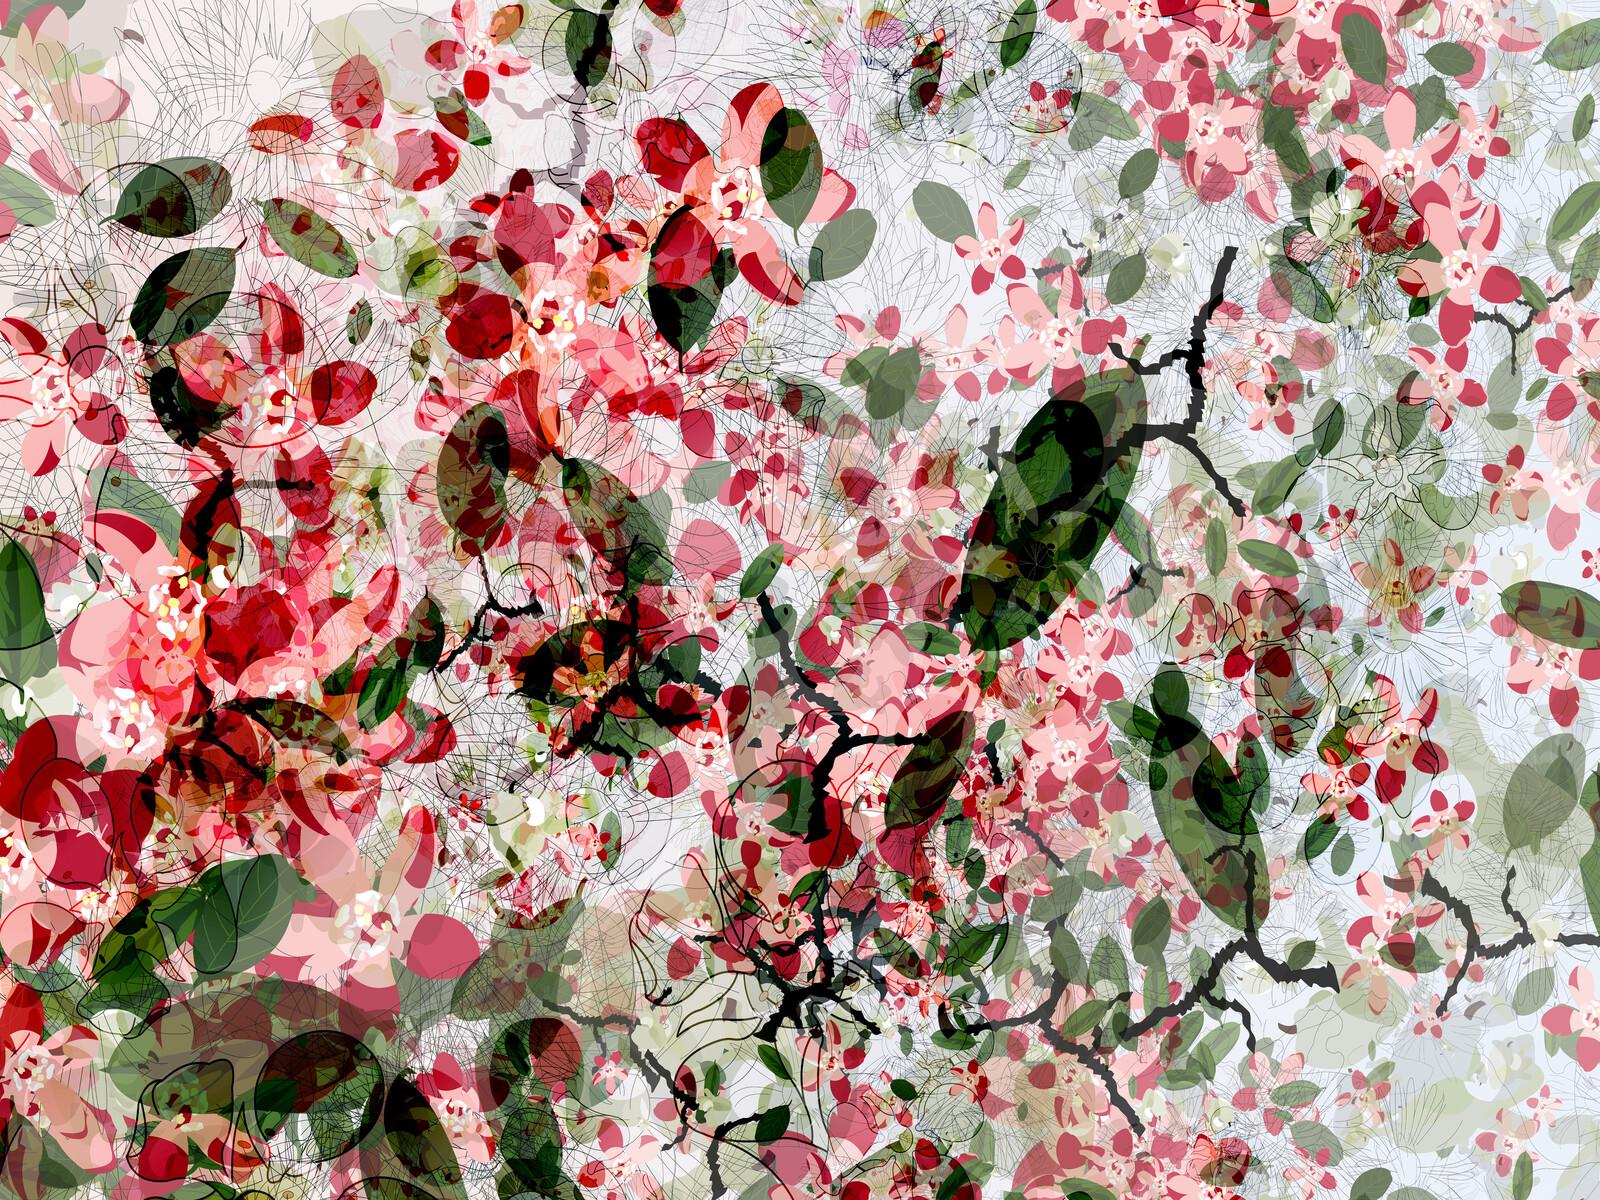 cherry blossom christine jaschek bilder fotografie foto kunst online bei lumas. Black Bedroom Furniture Sets. Home Design Ideas